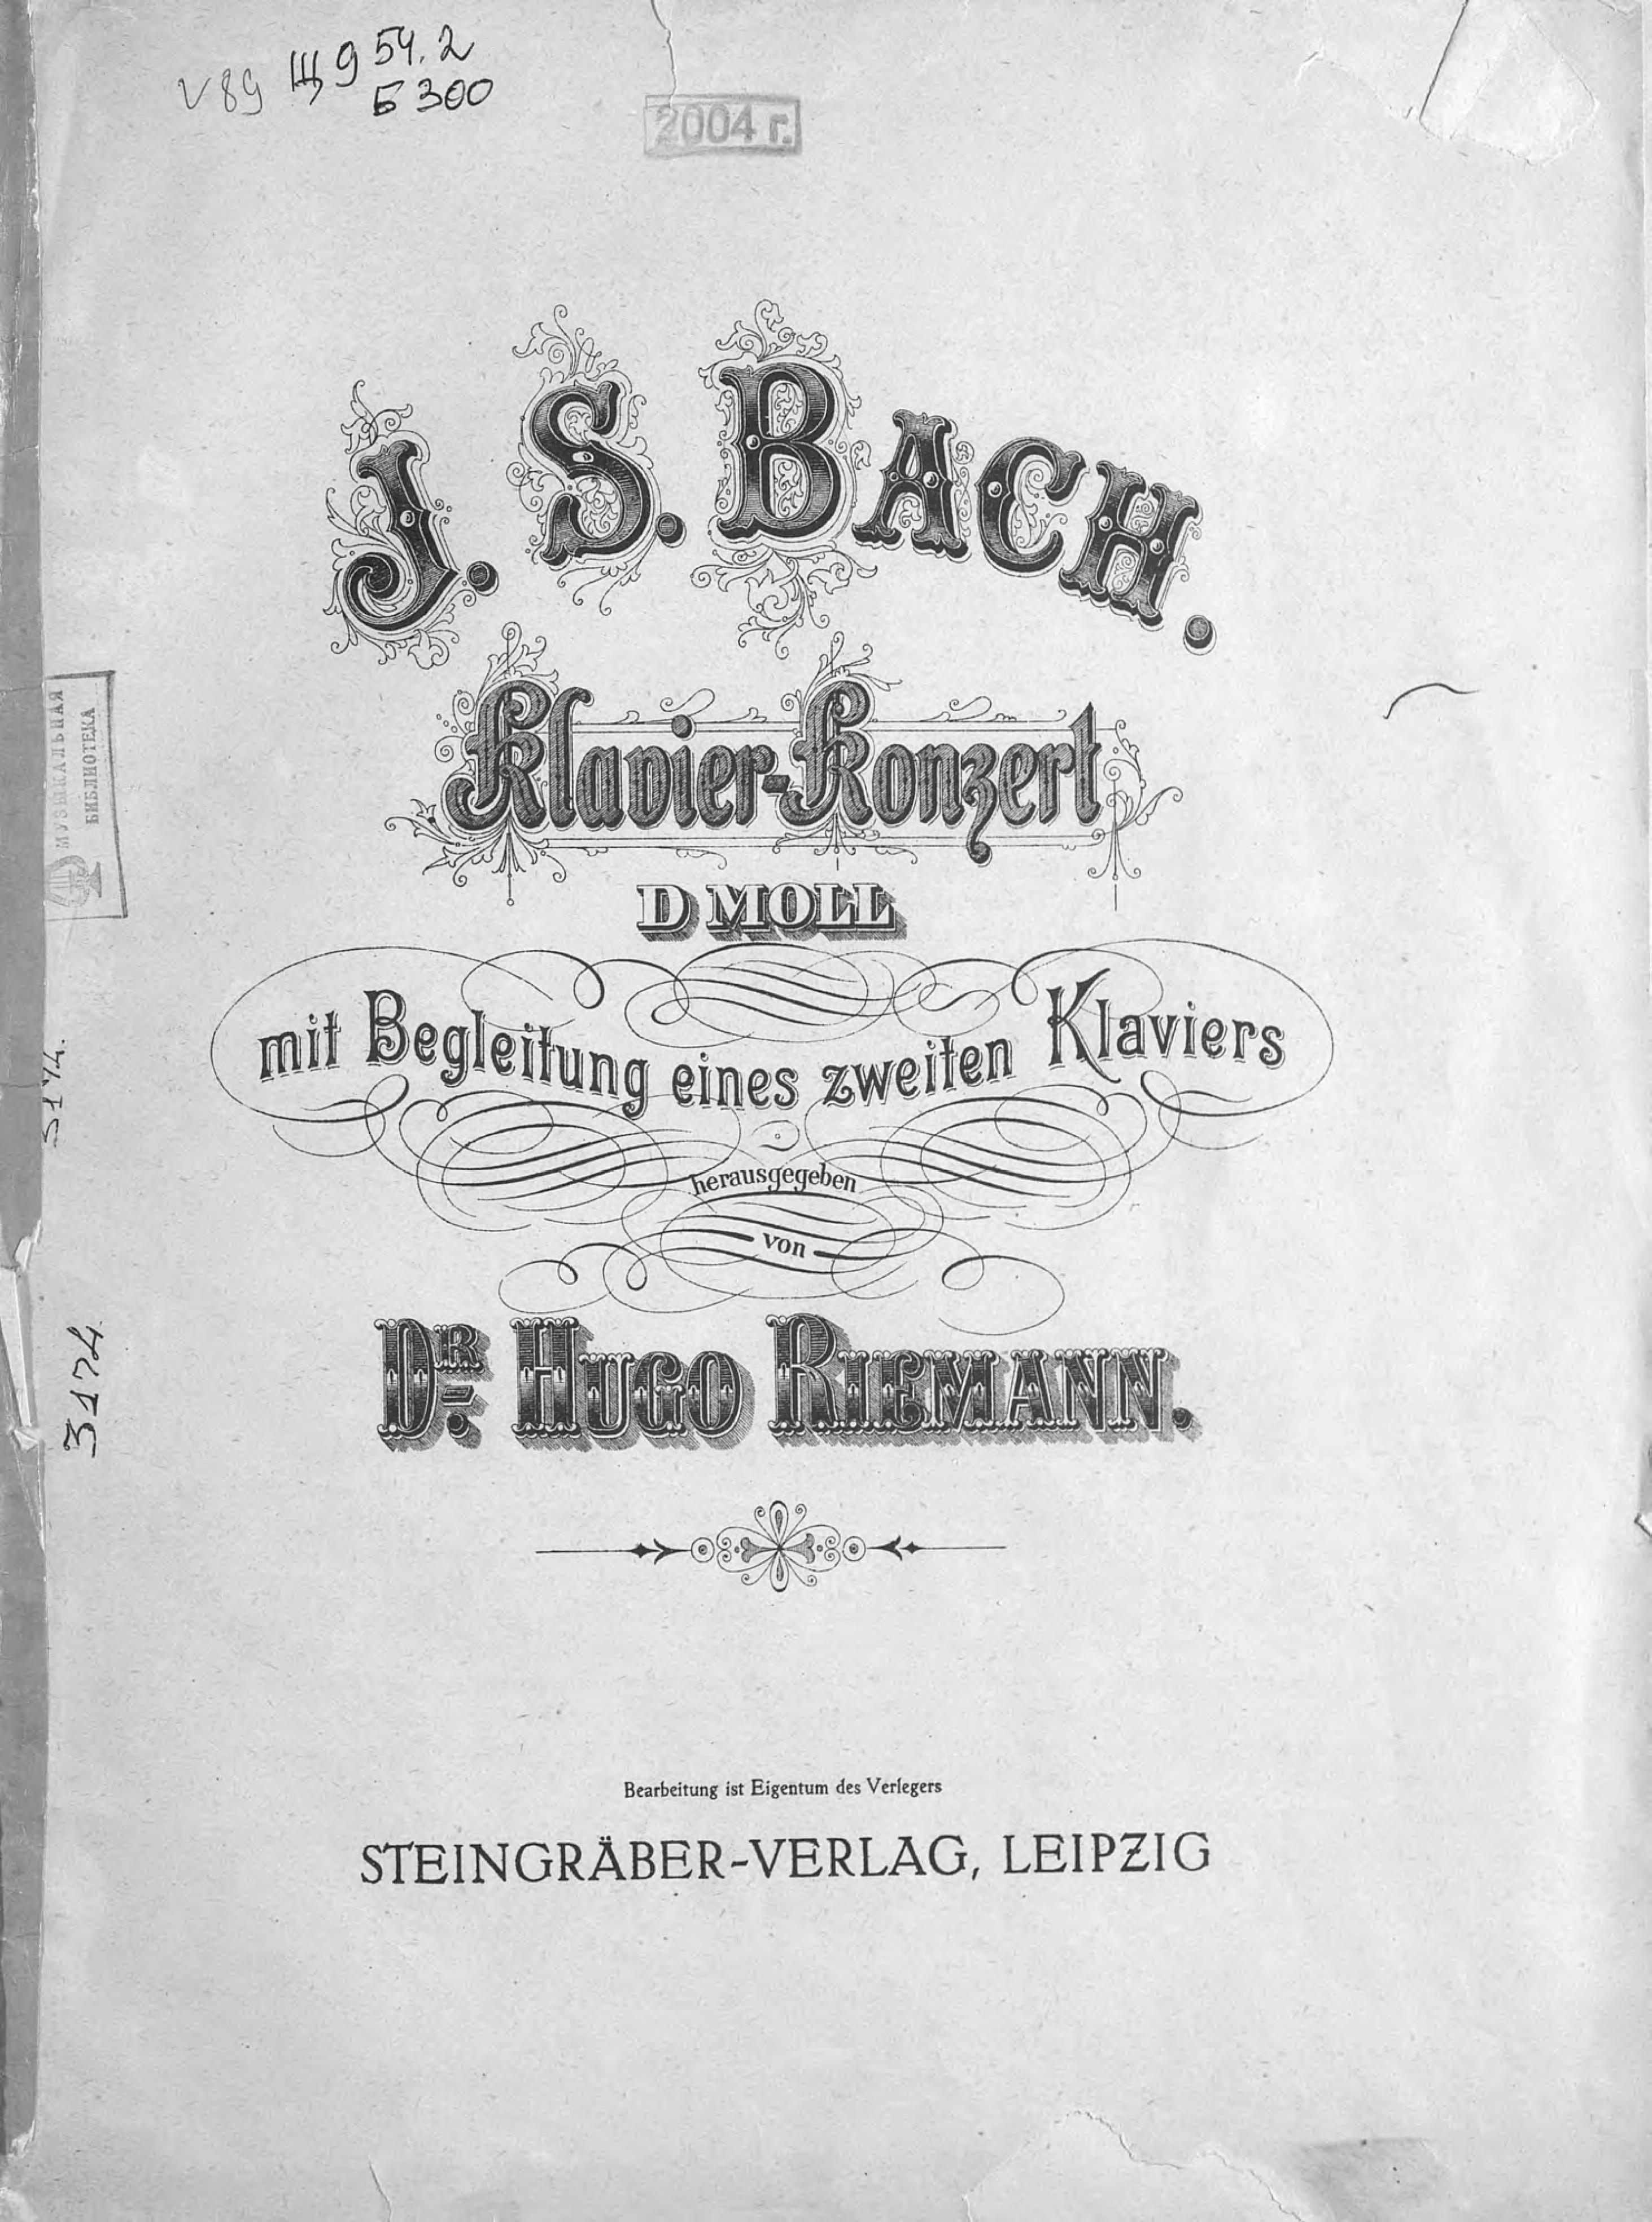 Klavier-Konzert D-moll mit Begleitung eines zweiten Klaviers